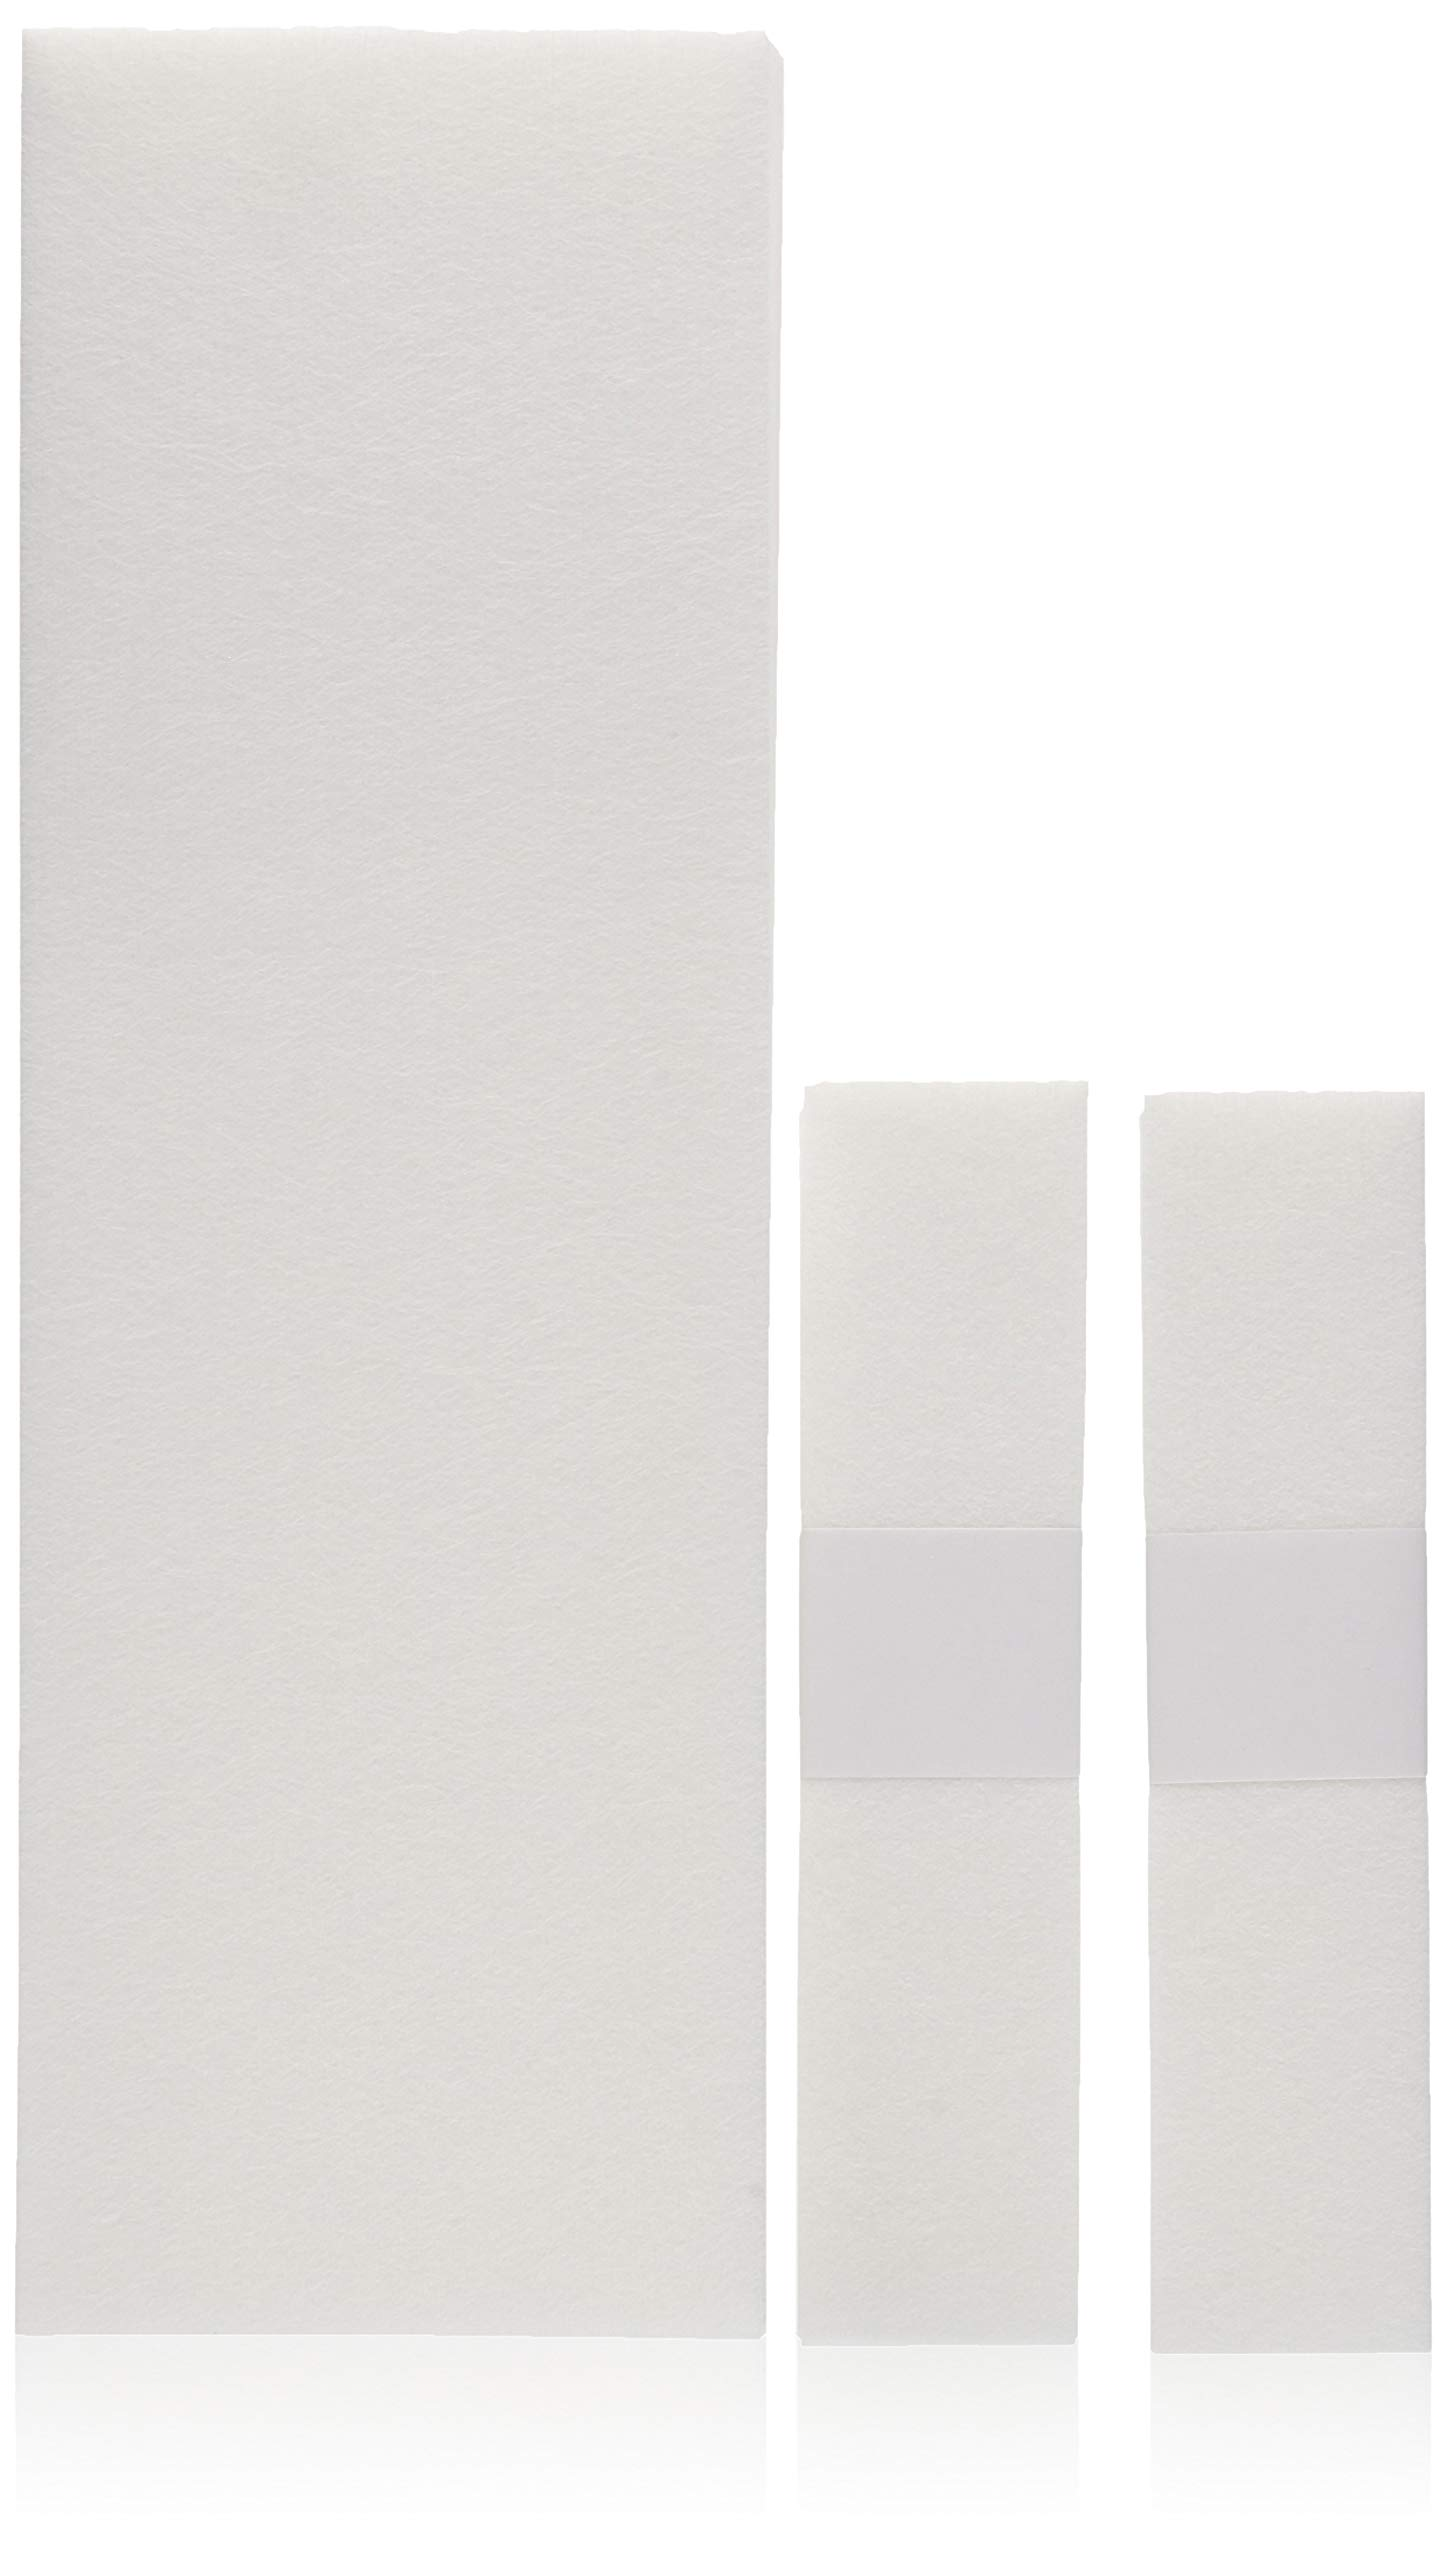 FantaSea Non Woven Facial and Body Wax 100 Strips, 50 Small 50 Large